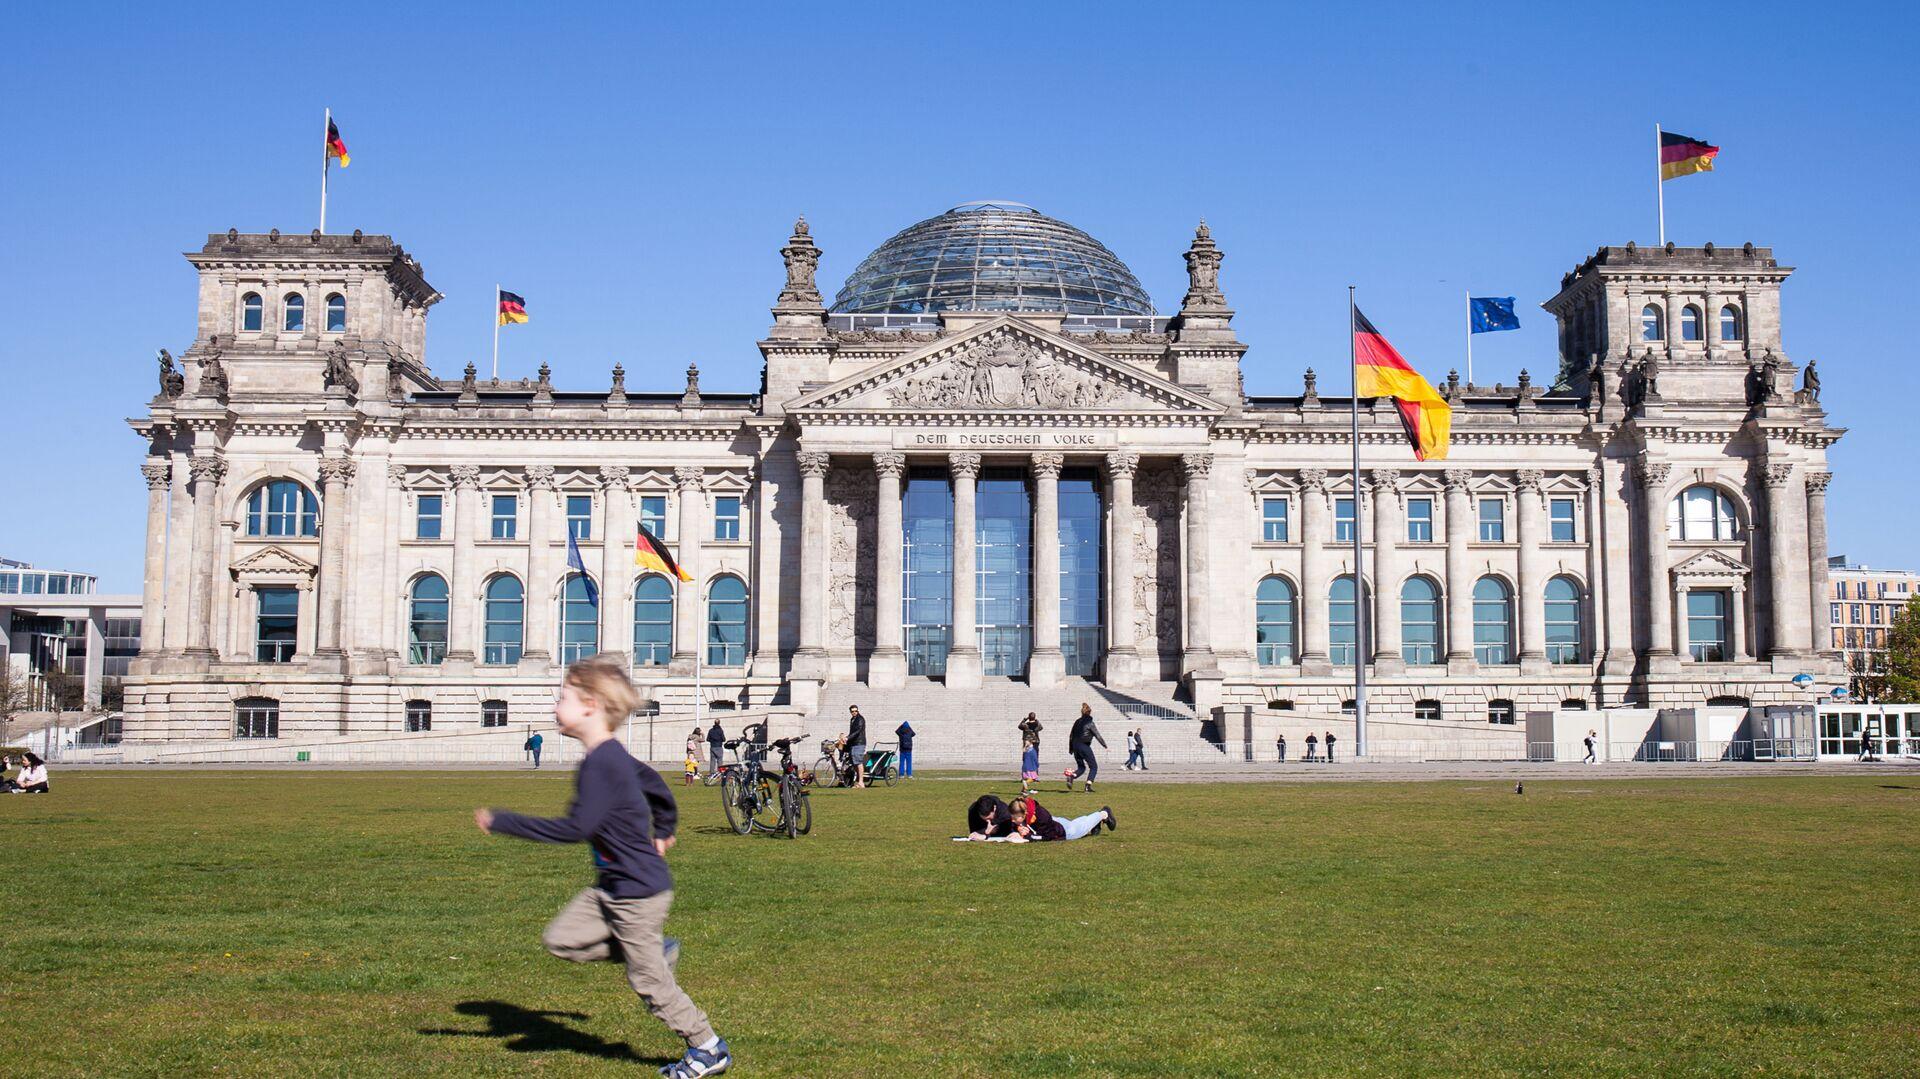 Nemački poslanik: Tvrdnje ukrajinskog ambasadora o odgovornosti Berlina za Krim - senilnost - Sputnik Srbija, 1920, 24.09.2021